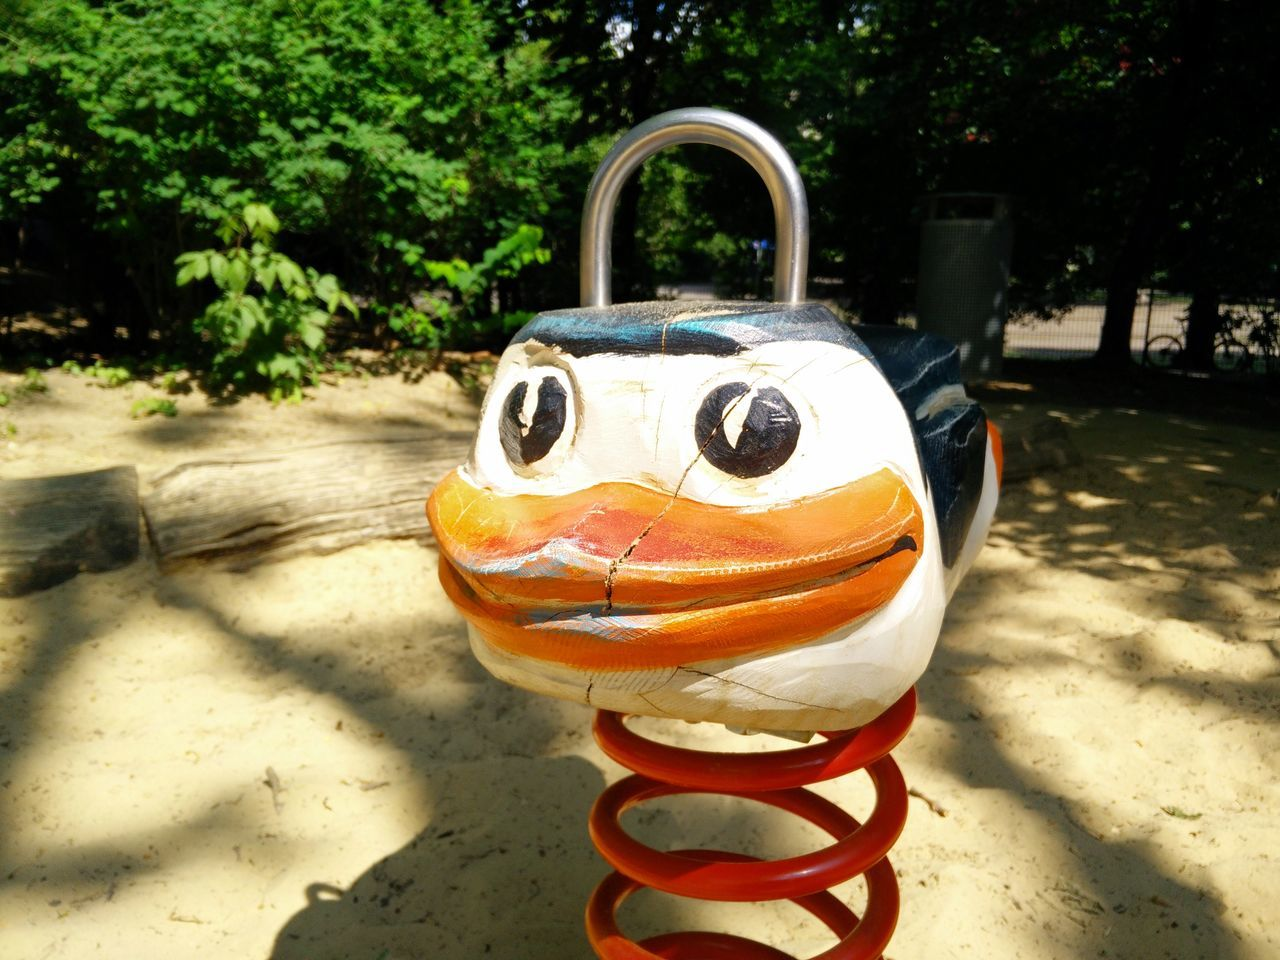 Federtier Federwippe Penguin Pinguin Playground Playground Equipment Spielplatz Wipptier